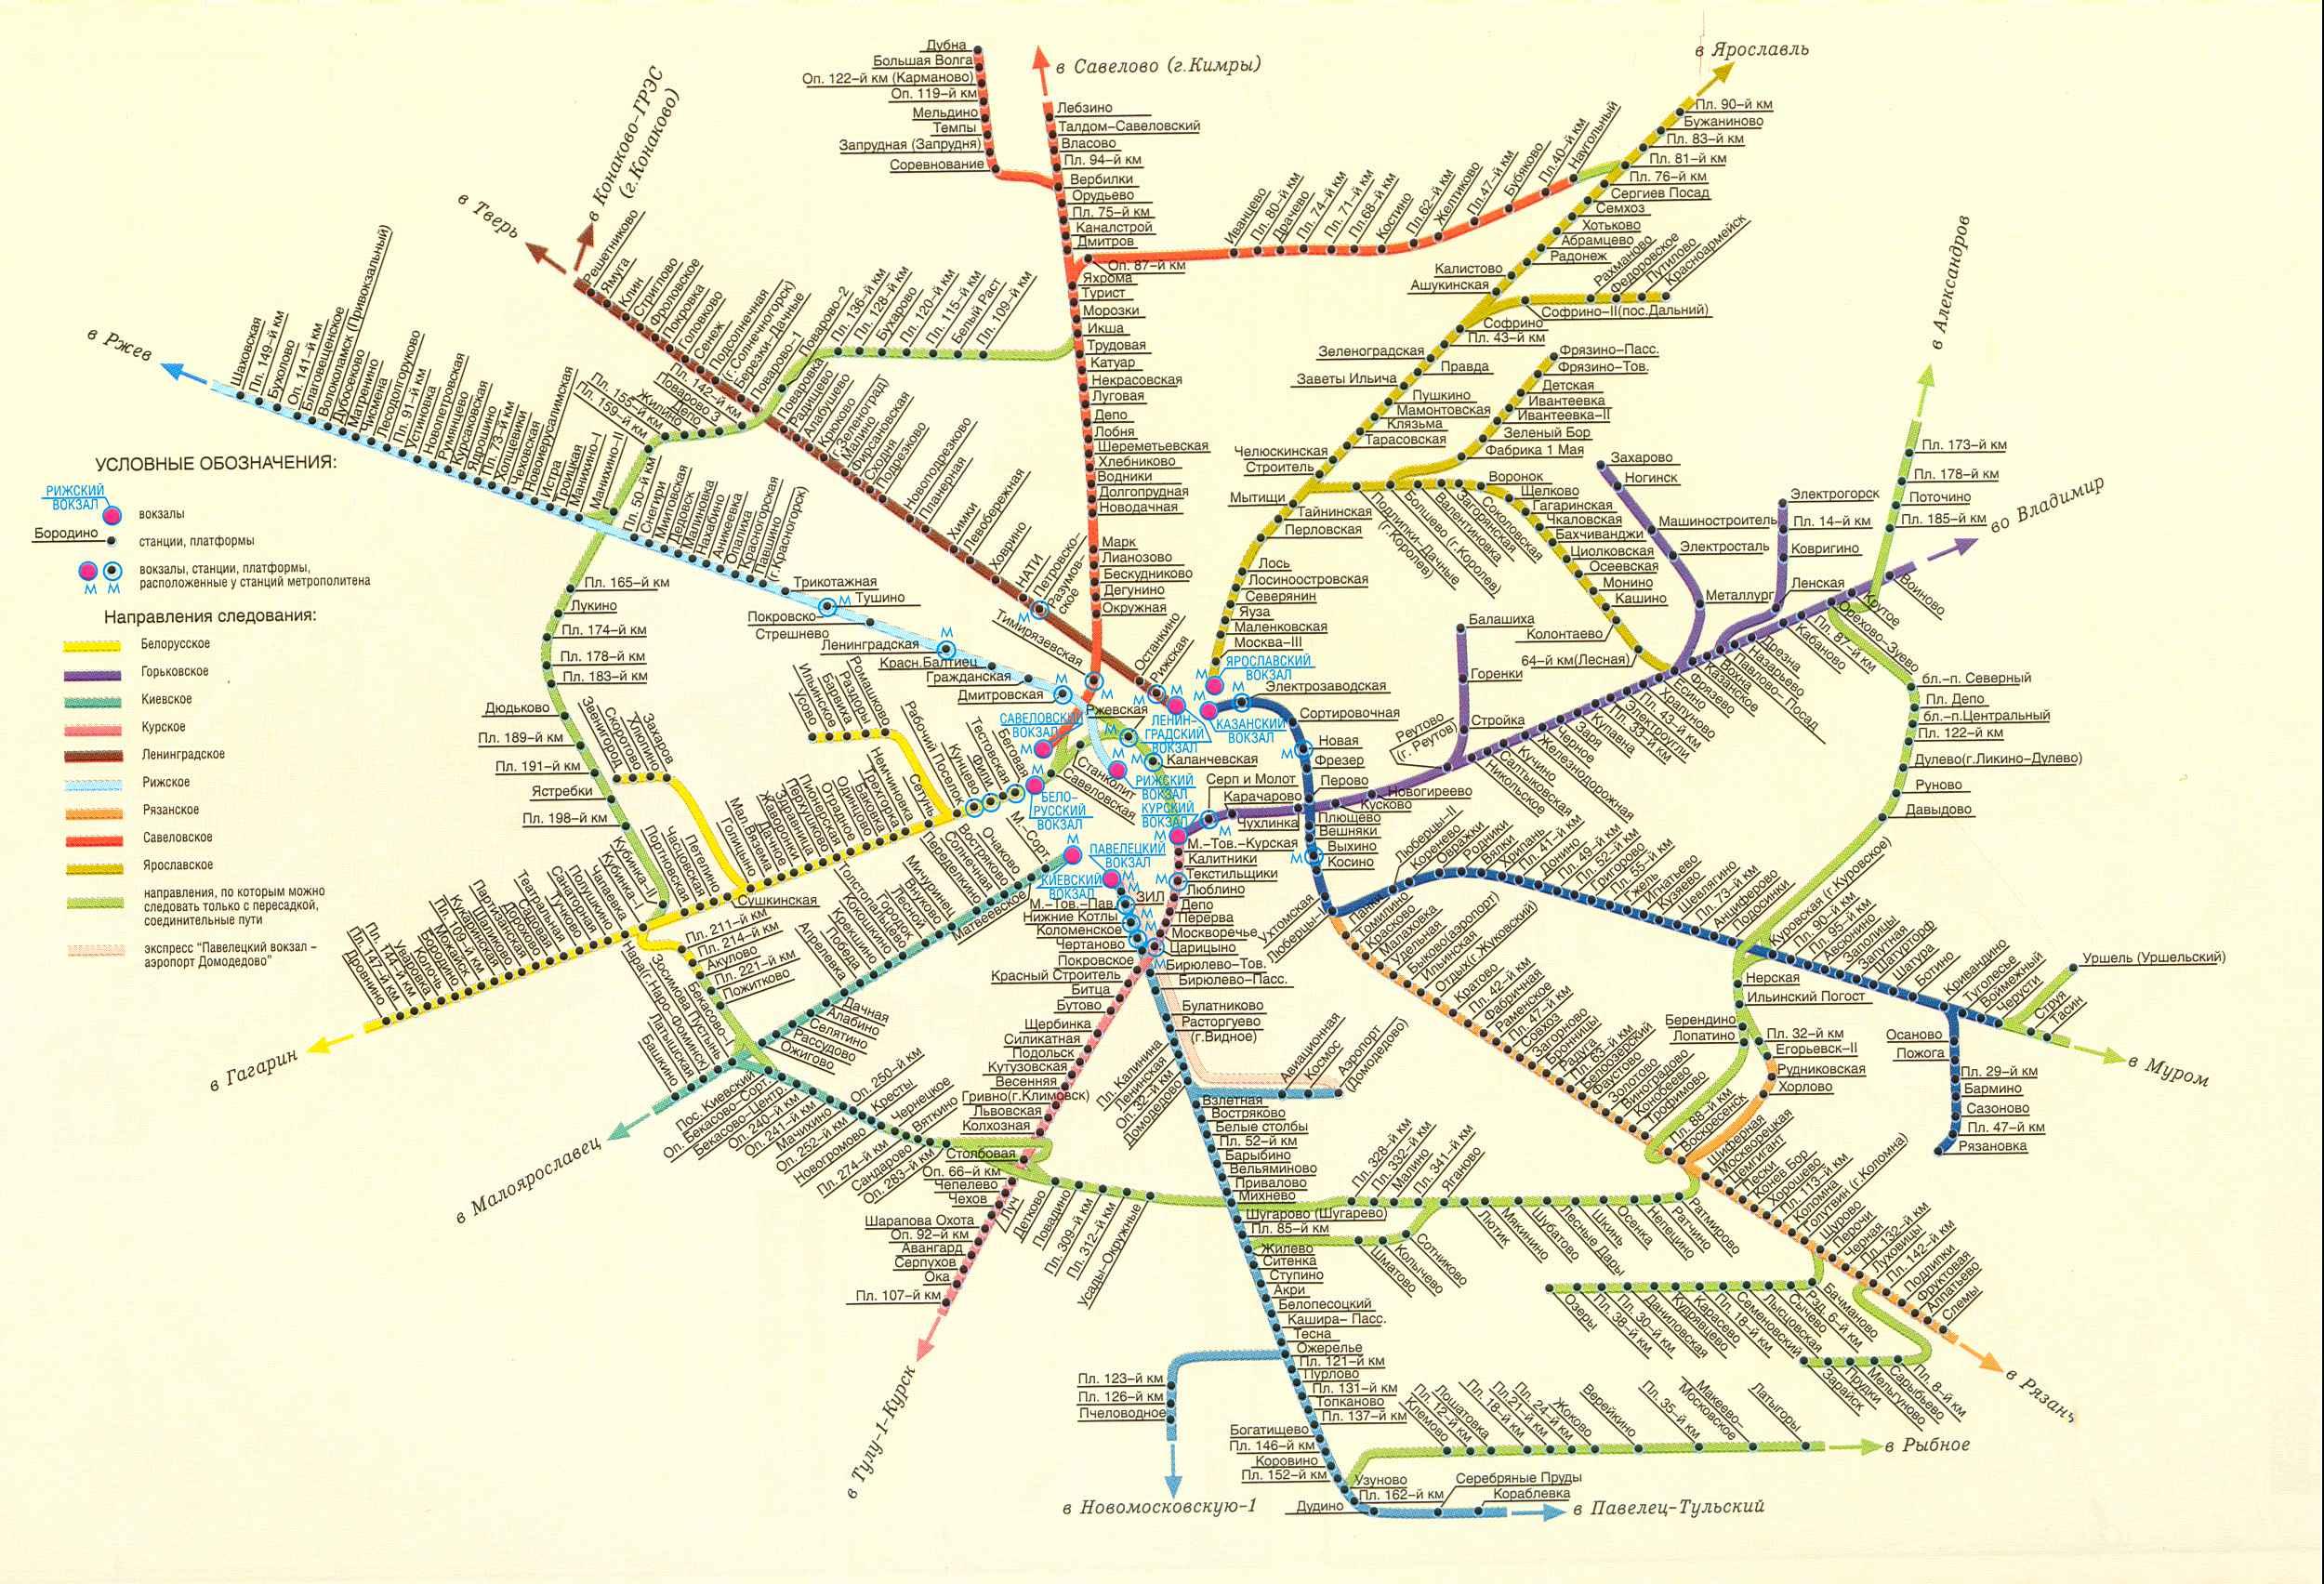 Карта-схема пригородных электричек Москвы. Большая карта ...: http://rus-map.ru/map262953_0_0.htm